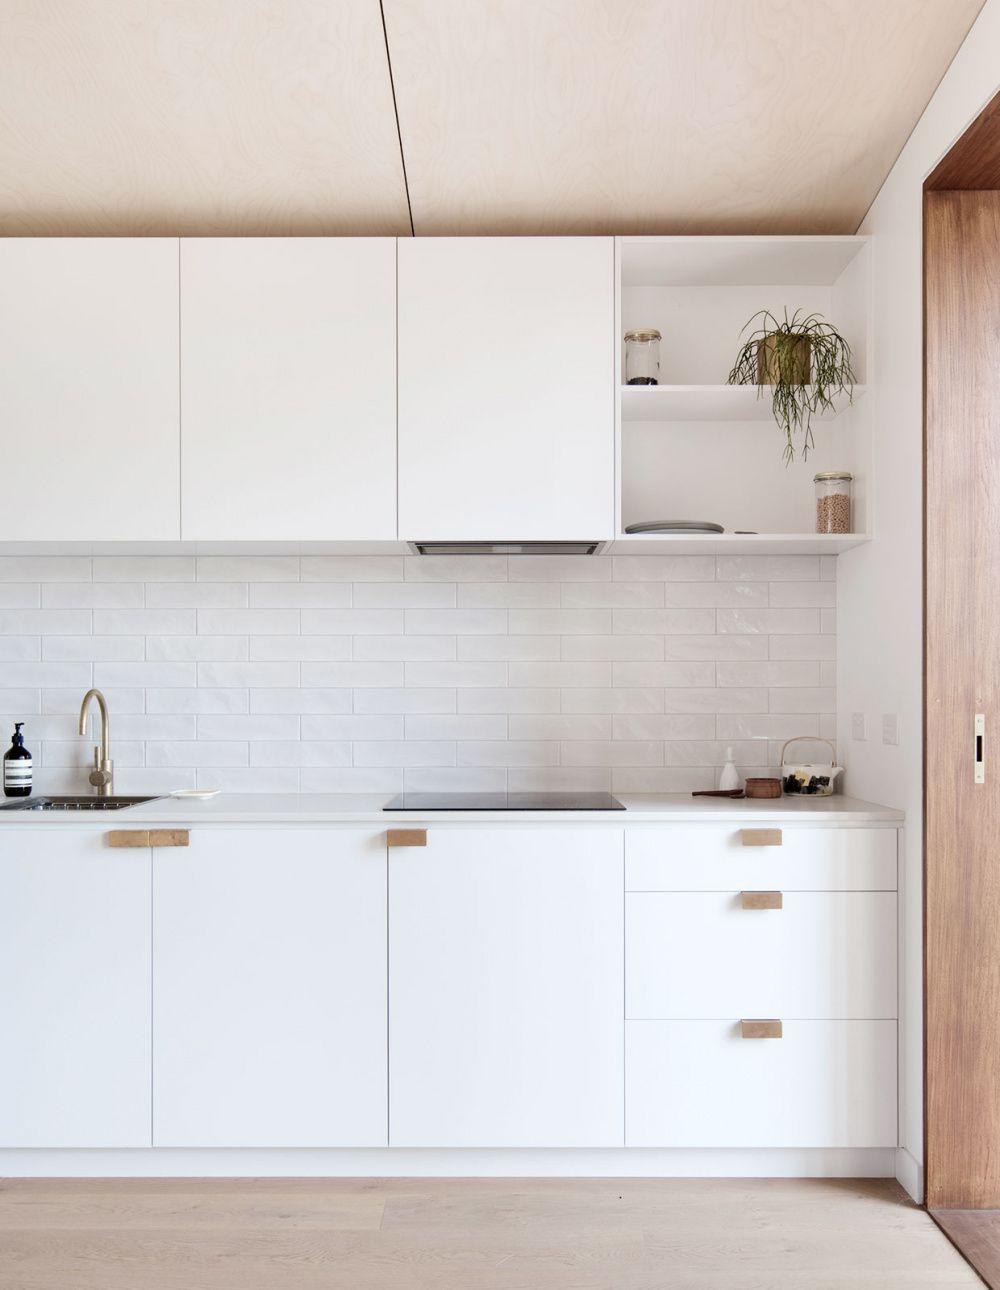 Simple Kitchen Design Best Kitchen Design Home Depot Kitchen Design 20 20 Kitchen Design Free Softwa In 2020 Home Decor Kitchen Kitchen Design Small Home Kitchens